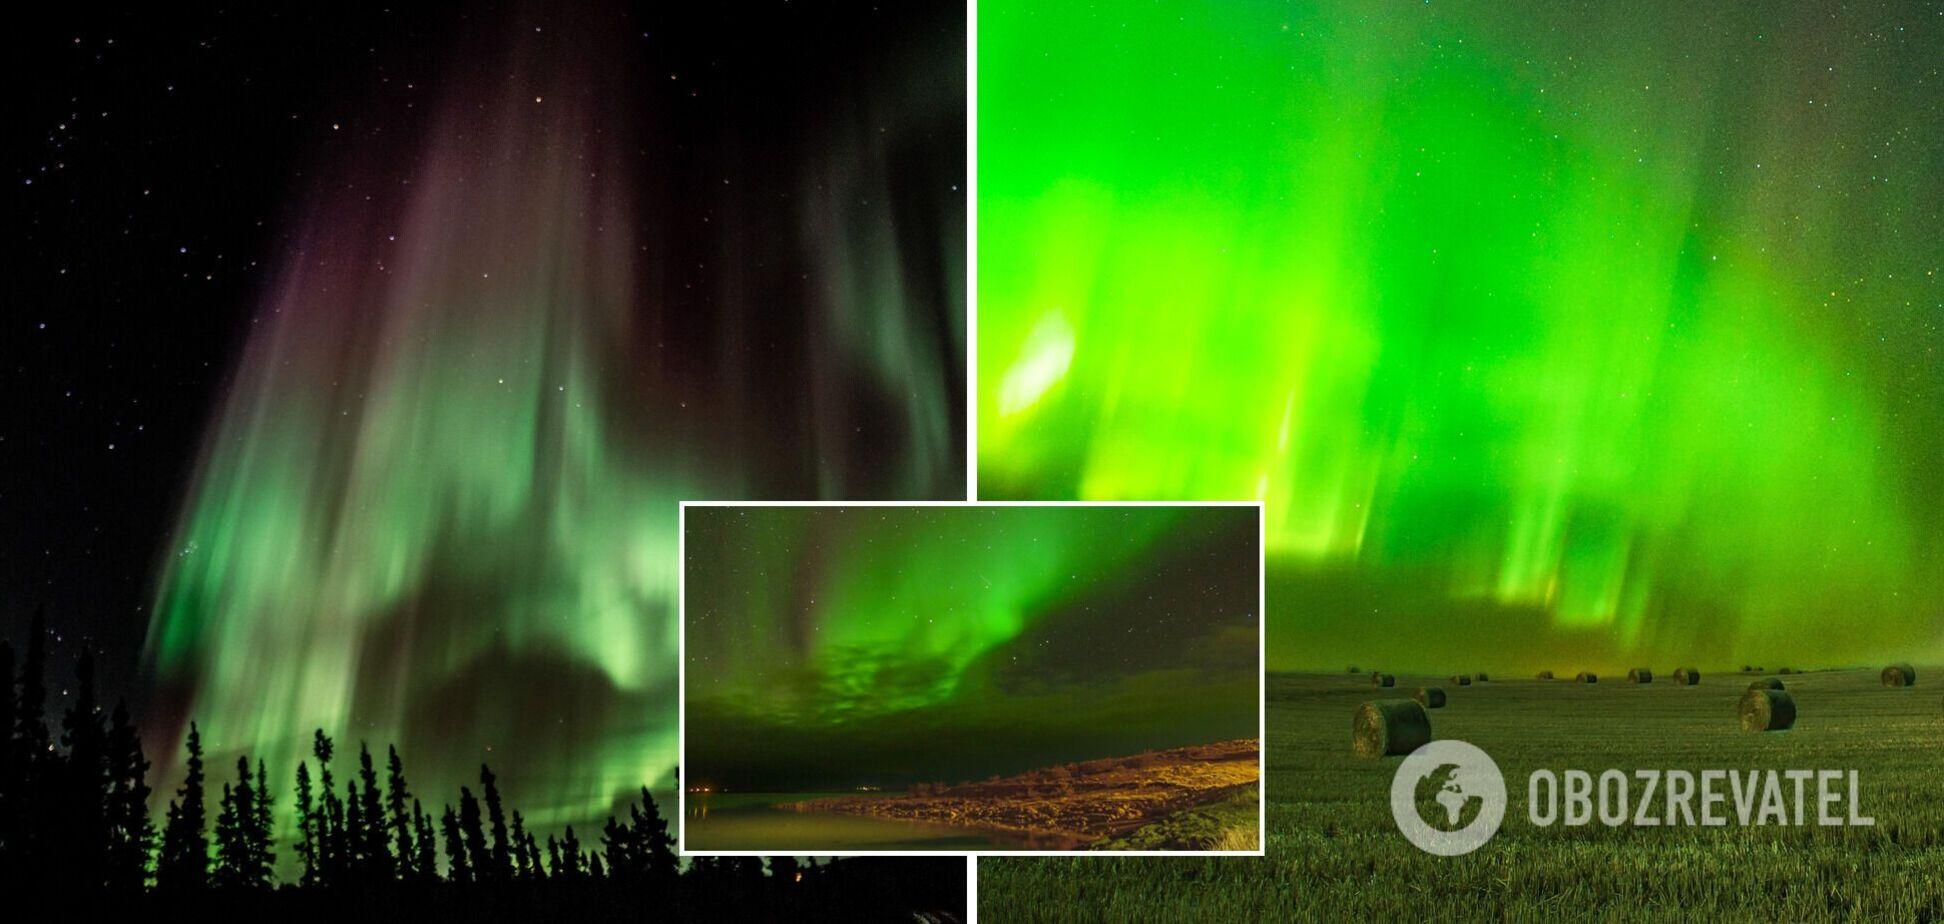 Небо набуло зеленуватого відтінку: в мережі показали яскраві фото полярного сяйва